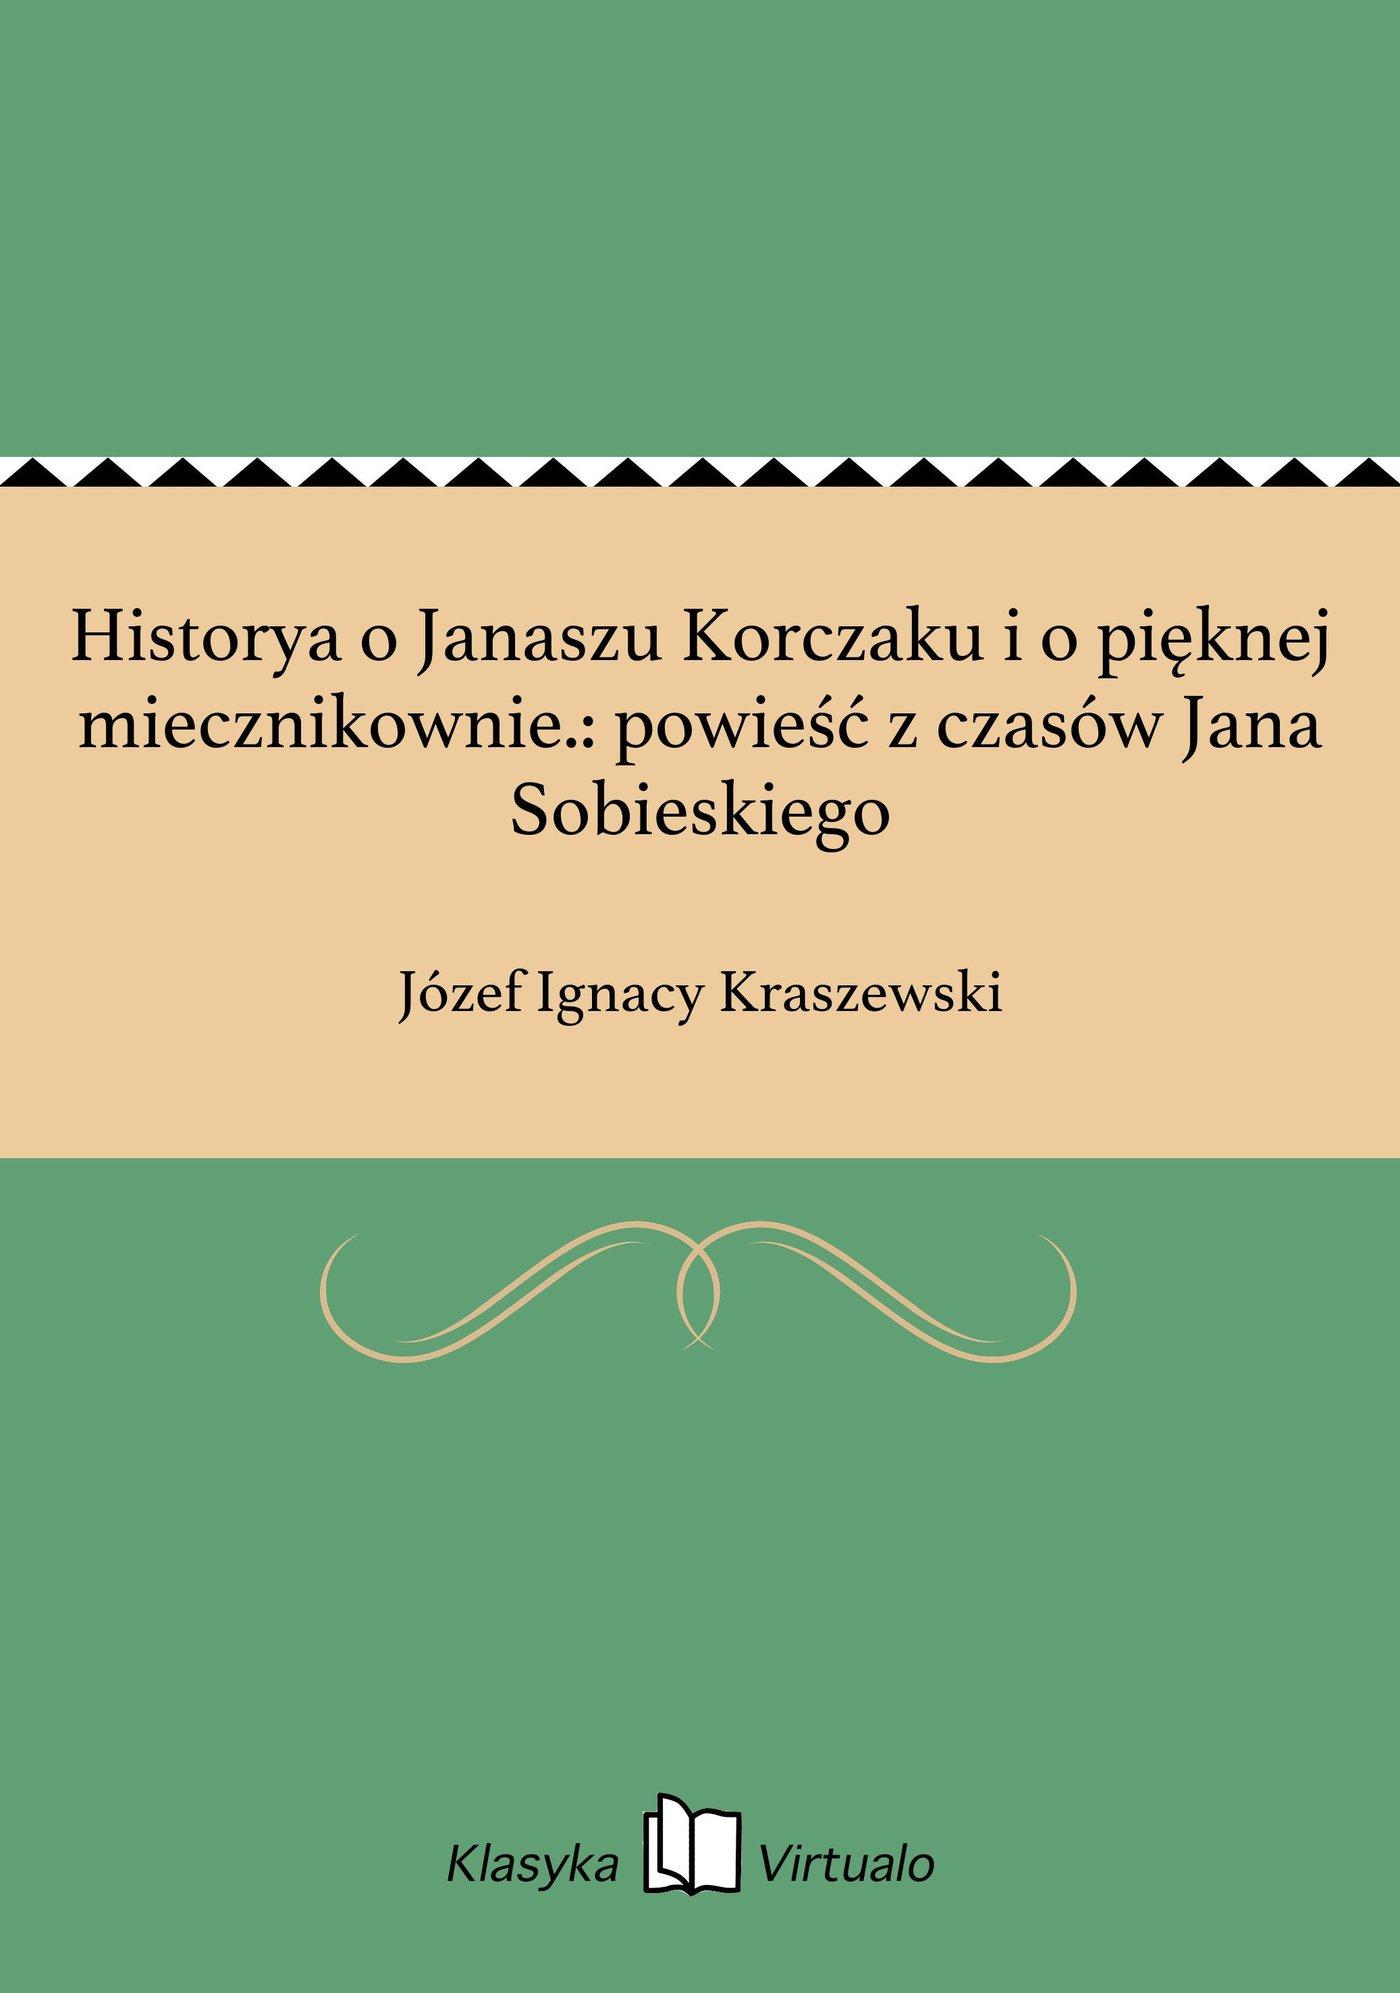 Historya o Janaszu Korczaku i o pięknej miecznikownie.: powieść z czasów Jana Sobieskiego - Ebook (Książka EPUB) do pobrania w formacie EPUB